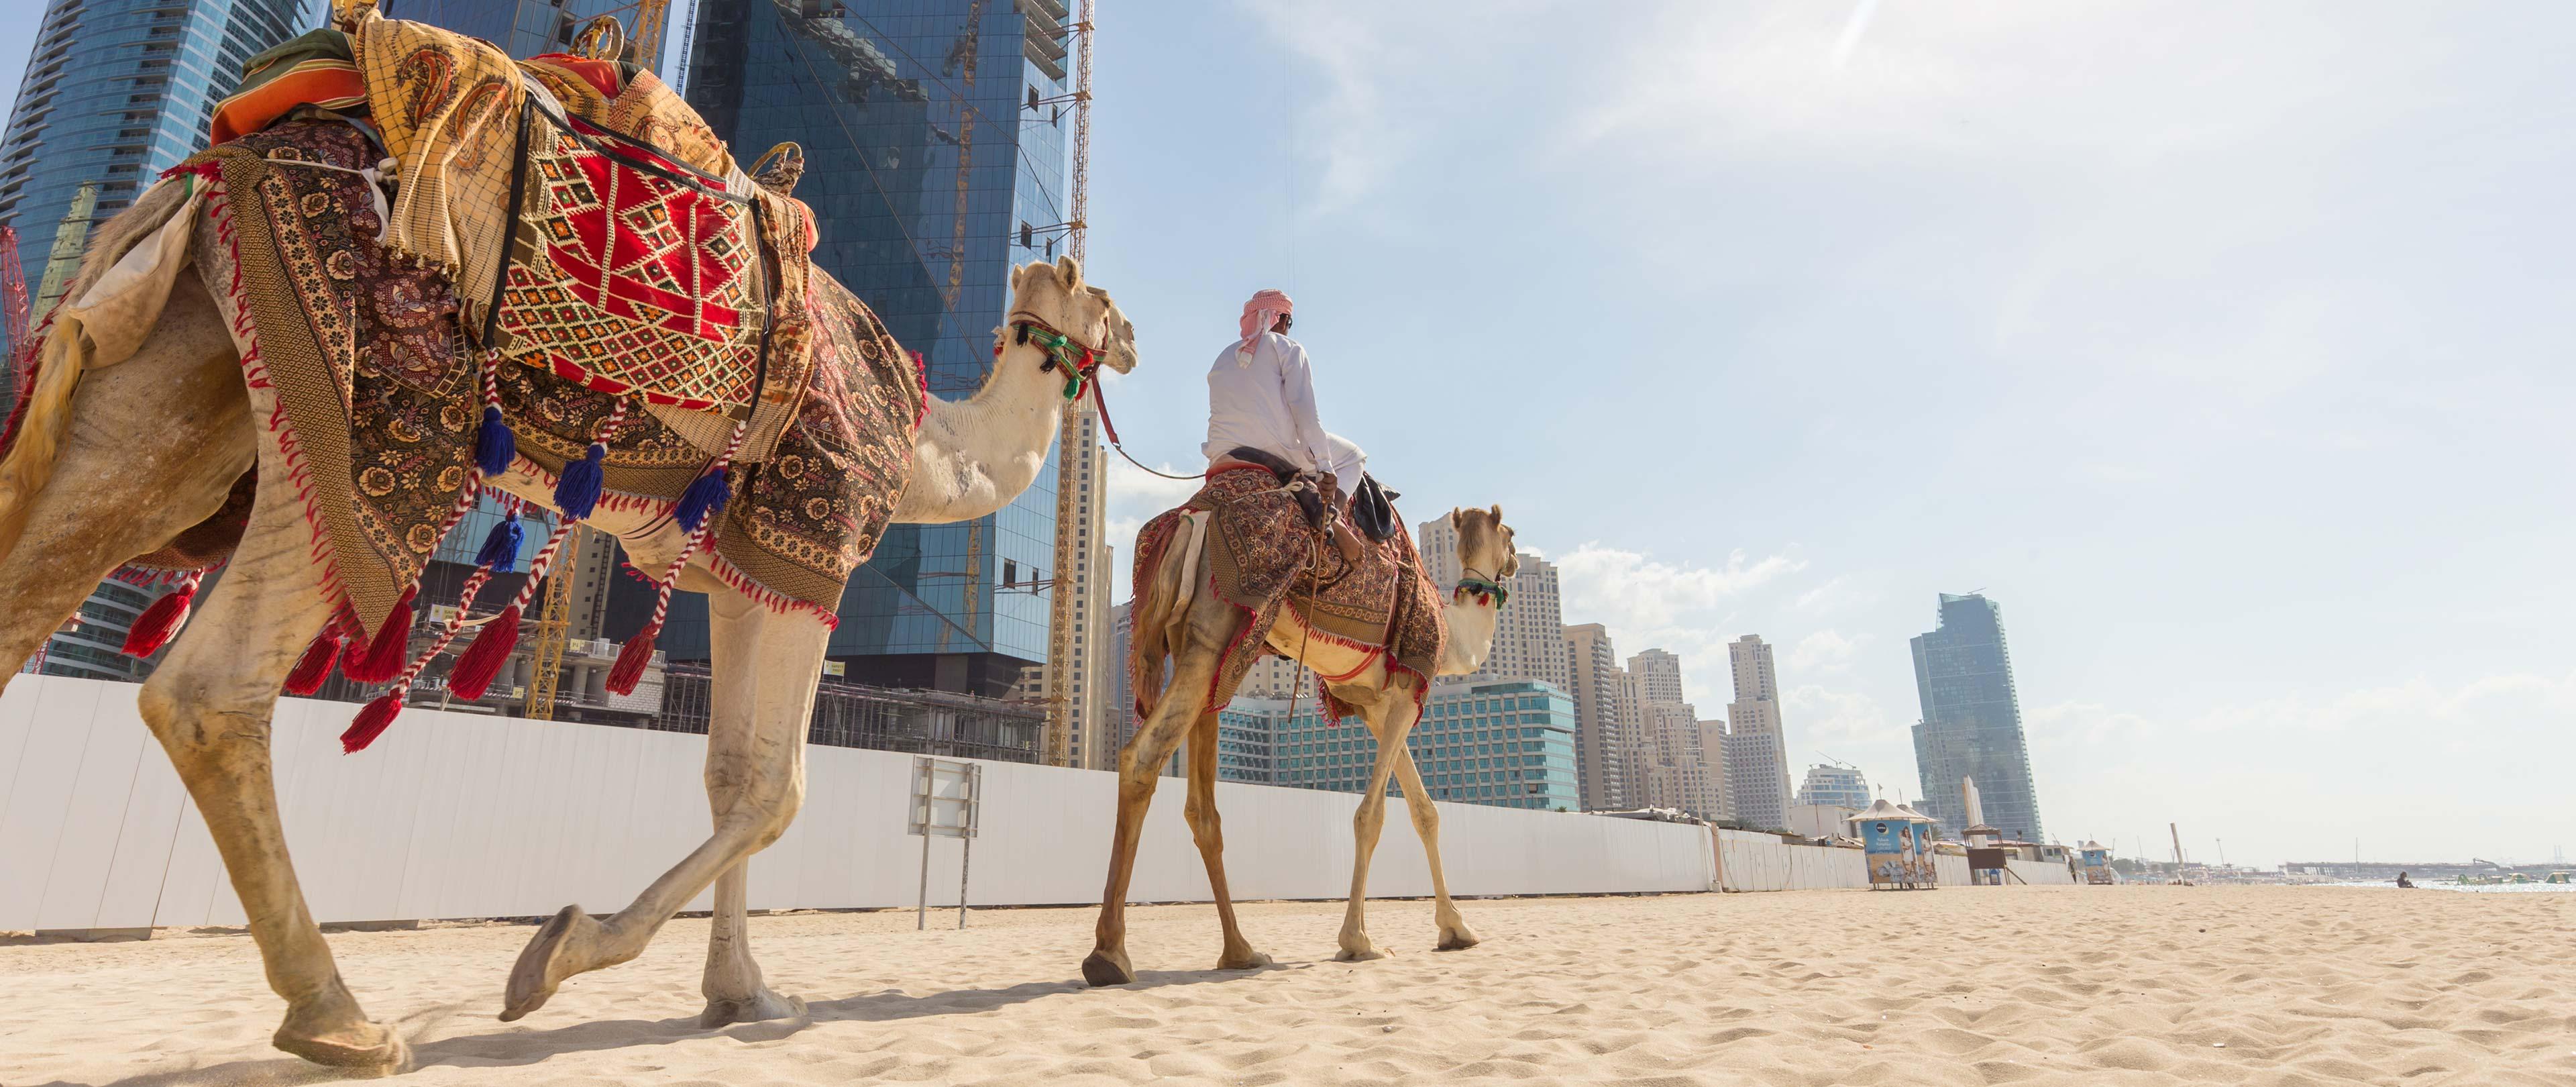 A Comparison of Western and Emirati Culture